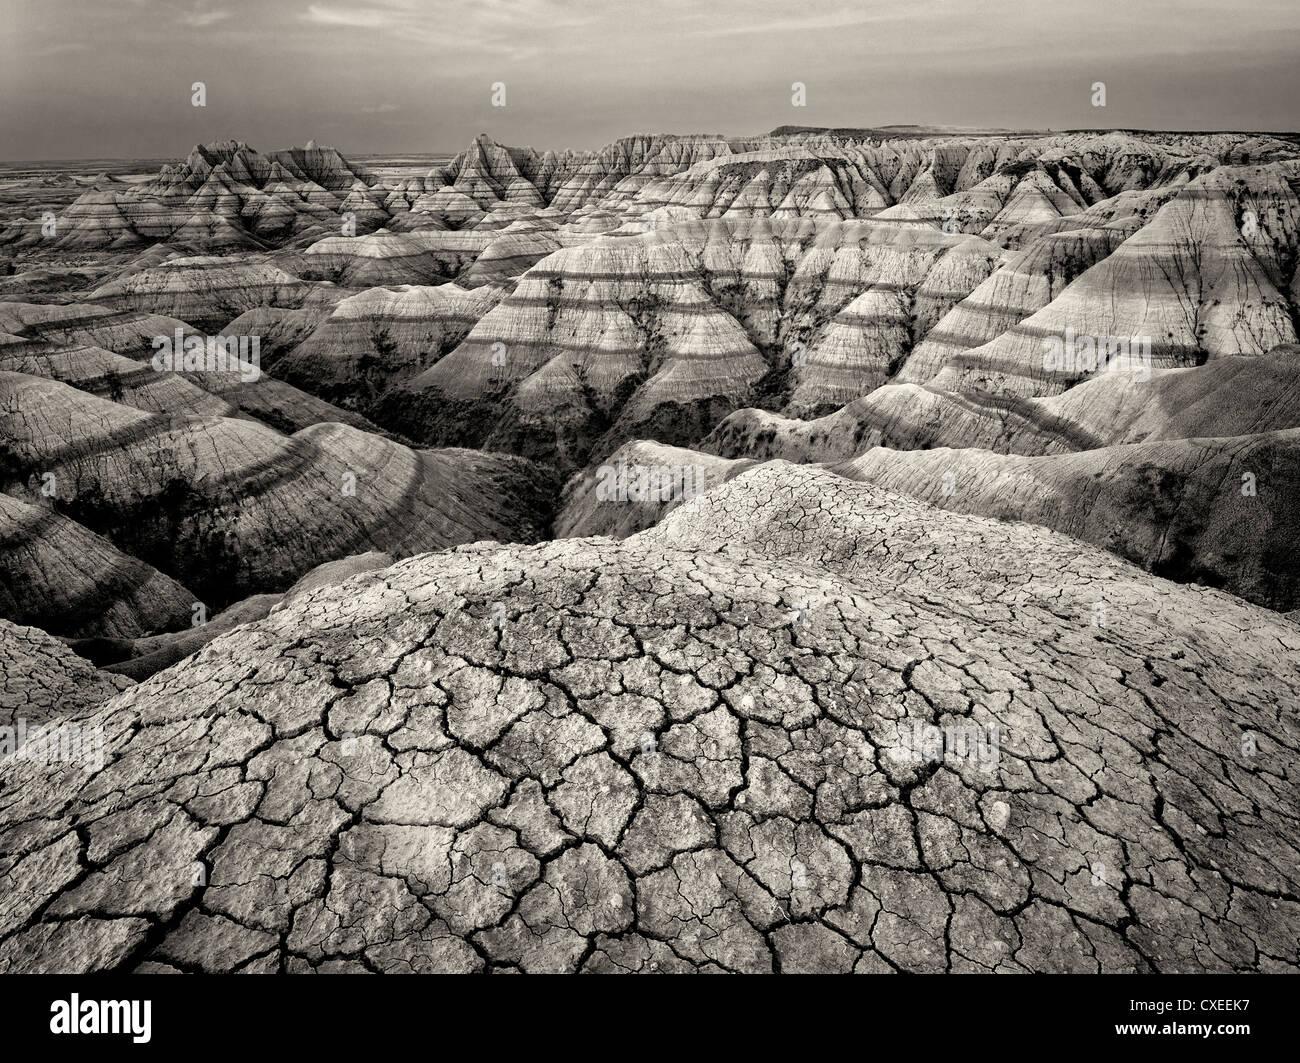 Erodiert und gebrochene Gestein und Schlamm Formationen. Badlands Nationalpark. South Dakota Formationen. Stockbild